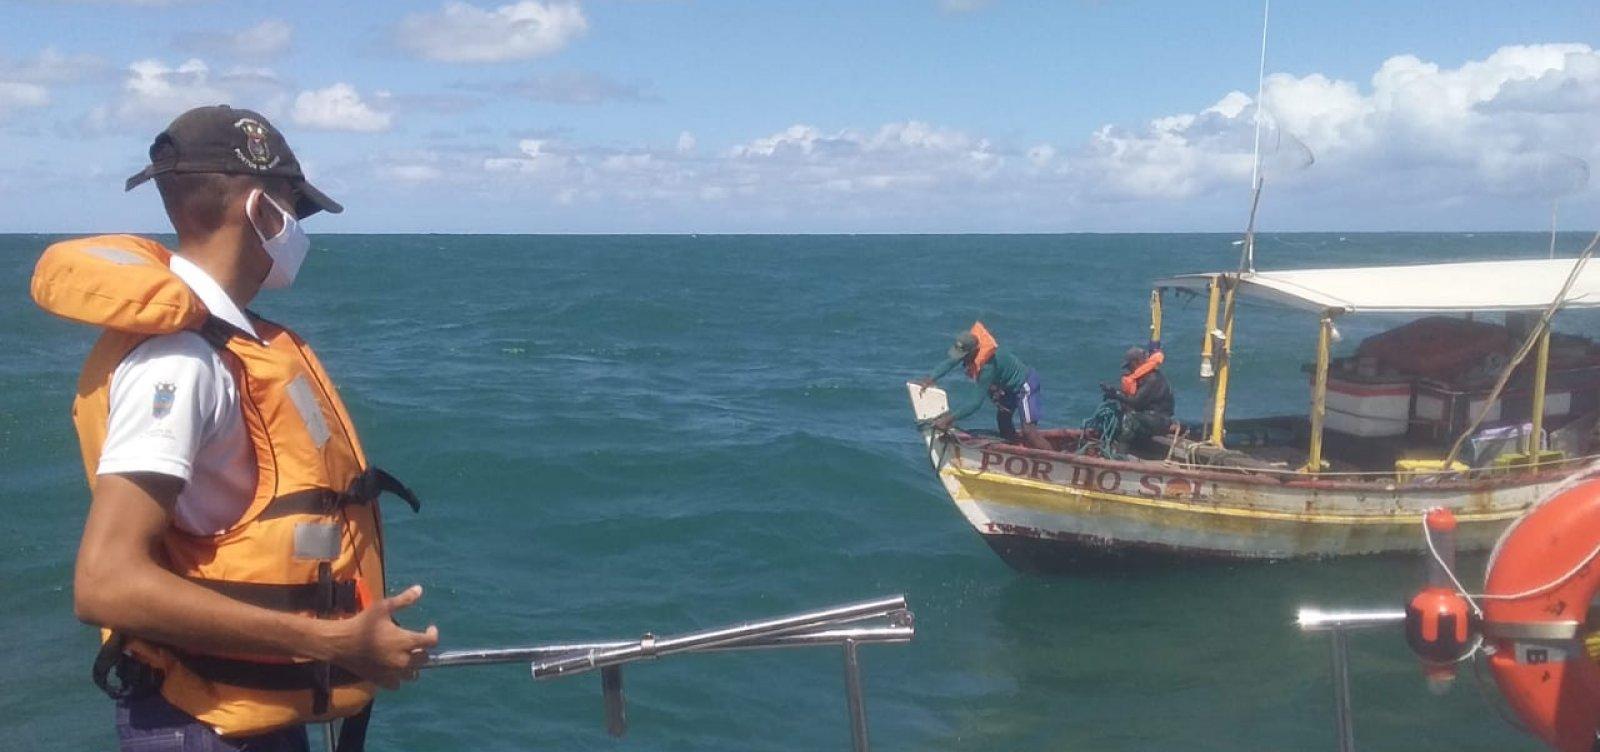 Pescadores foram resgatados após quatro dias com barco quebrado em alto mar